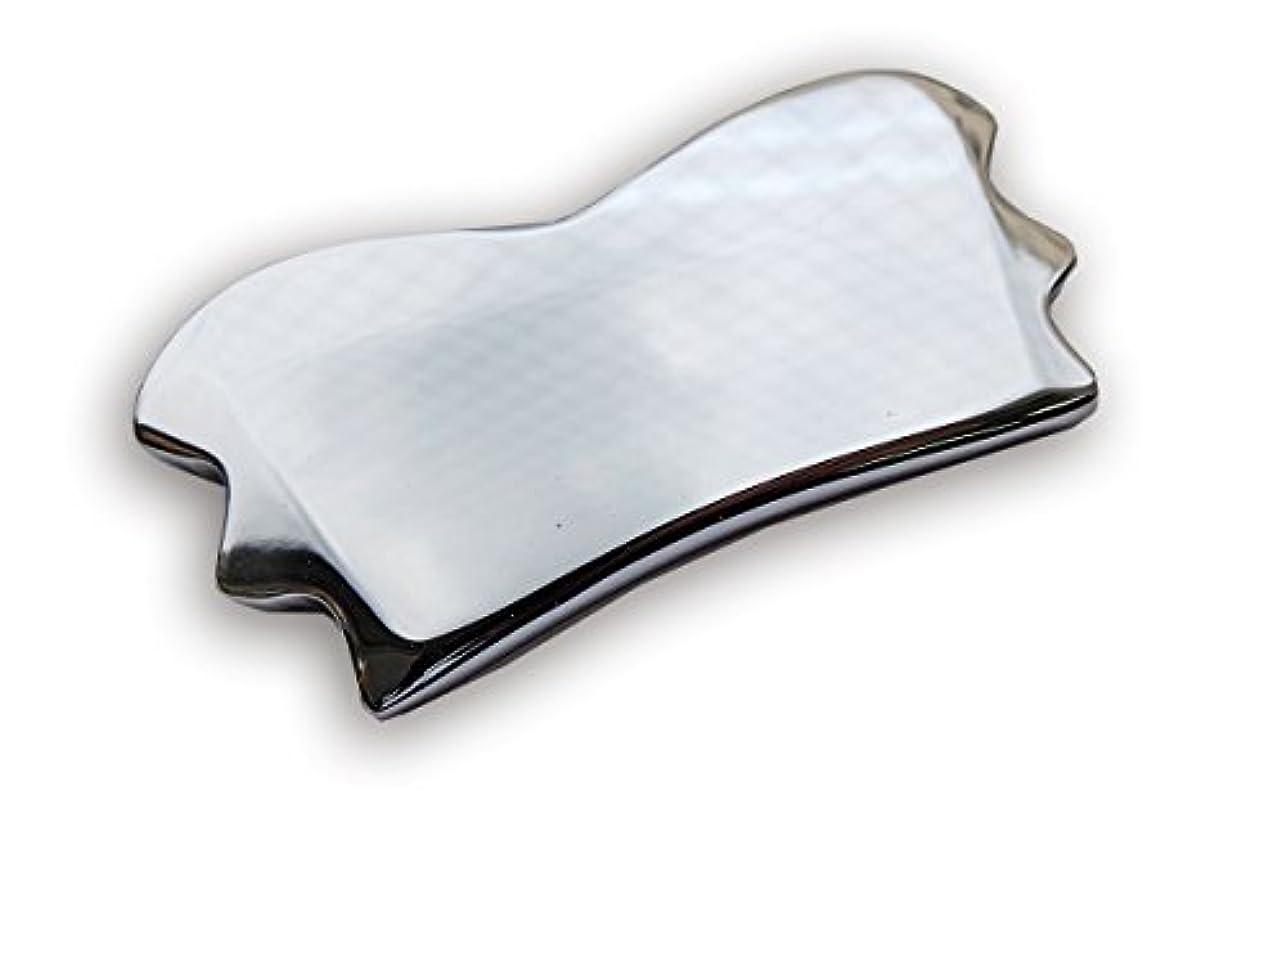 ビュッフェ便利オンスNatural Pure ドクターノバリア テラヘルツ かっさ お試用テラヘルツ鉱石約40~50g付 蝶型 本物の証 鑑定書付で返品可能